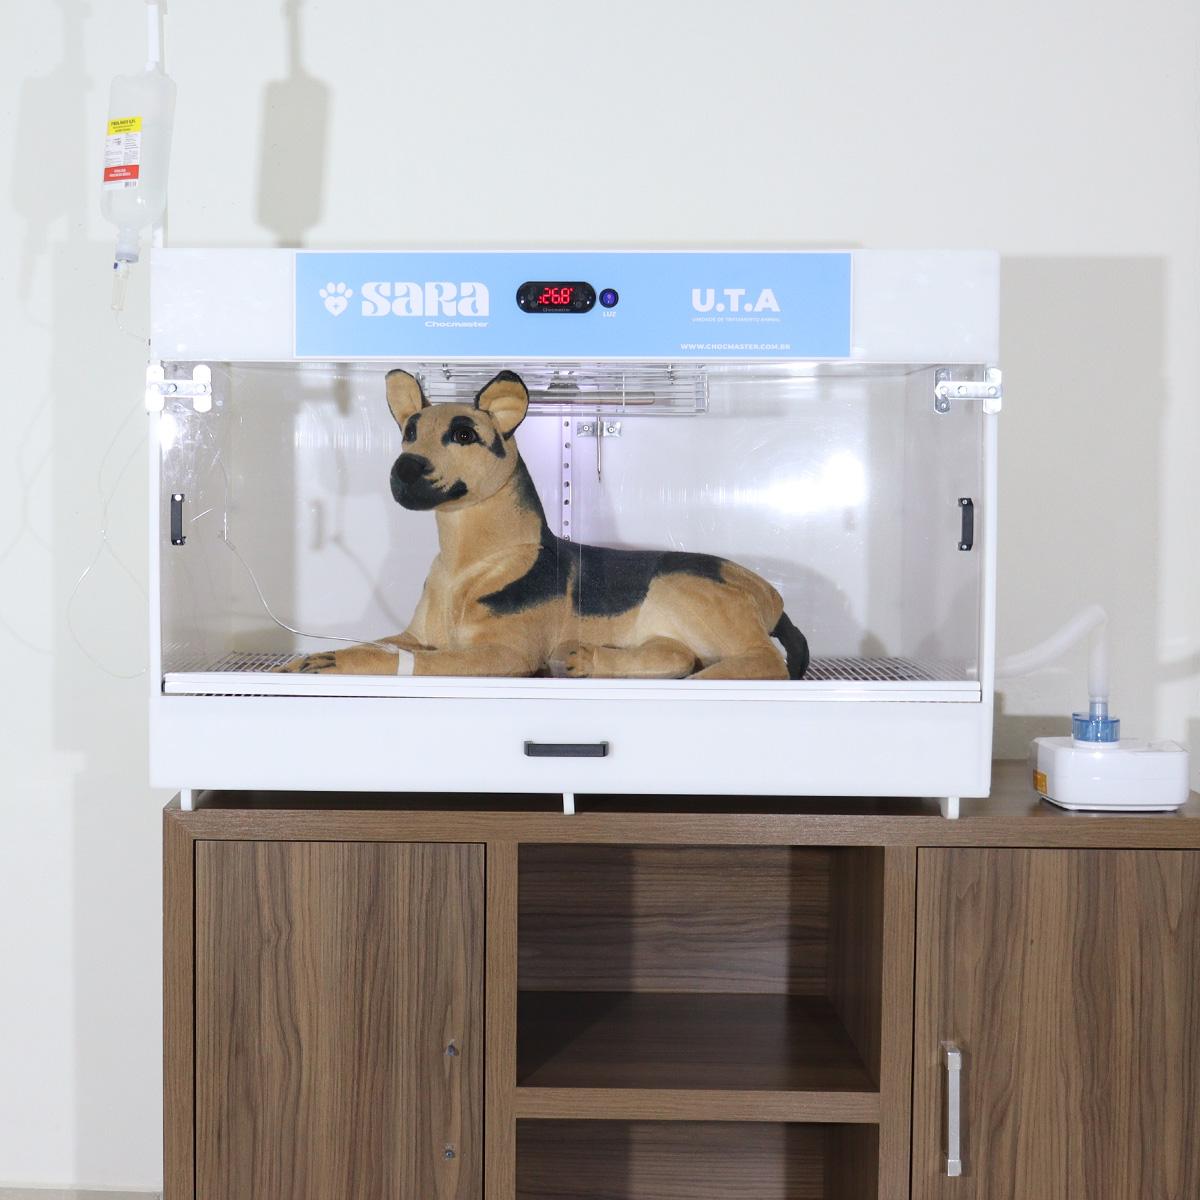 UTA Incubadora cães gatos veterinário hospital maternidade - modelo SARA